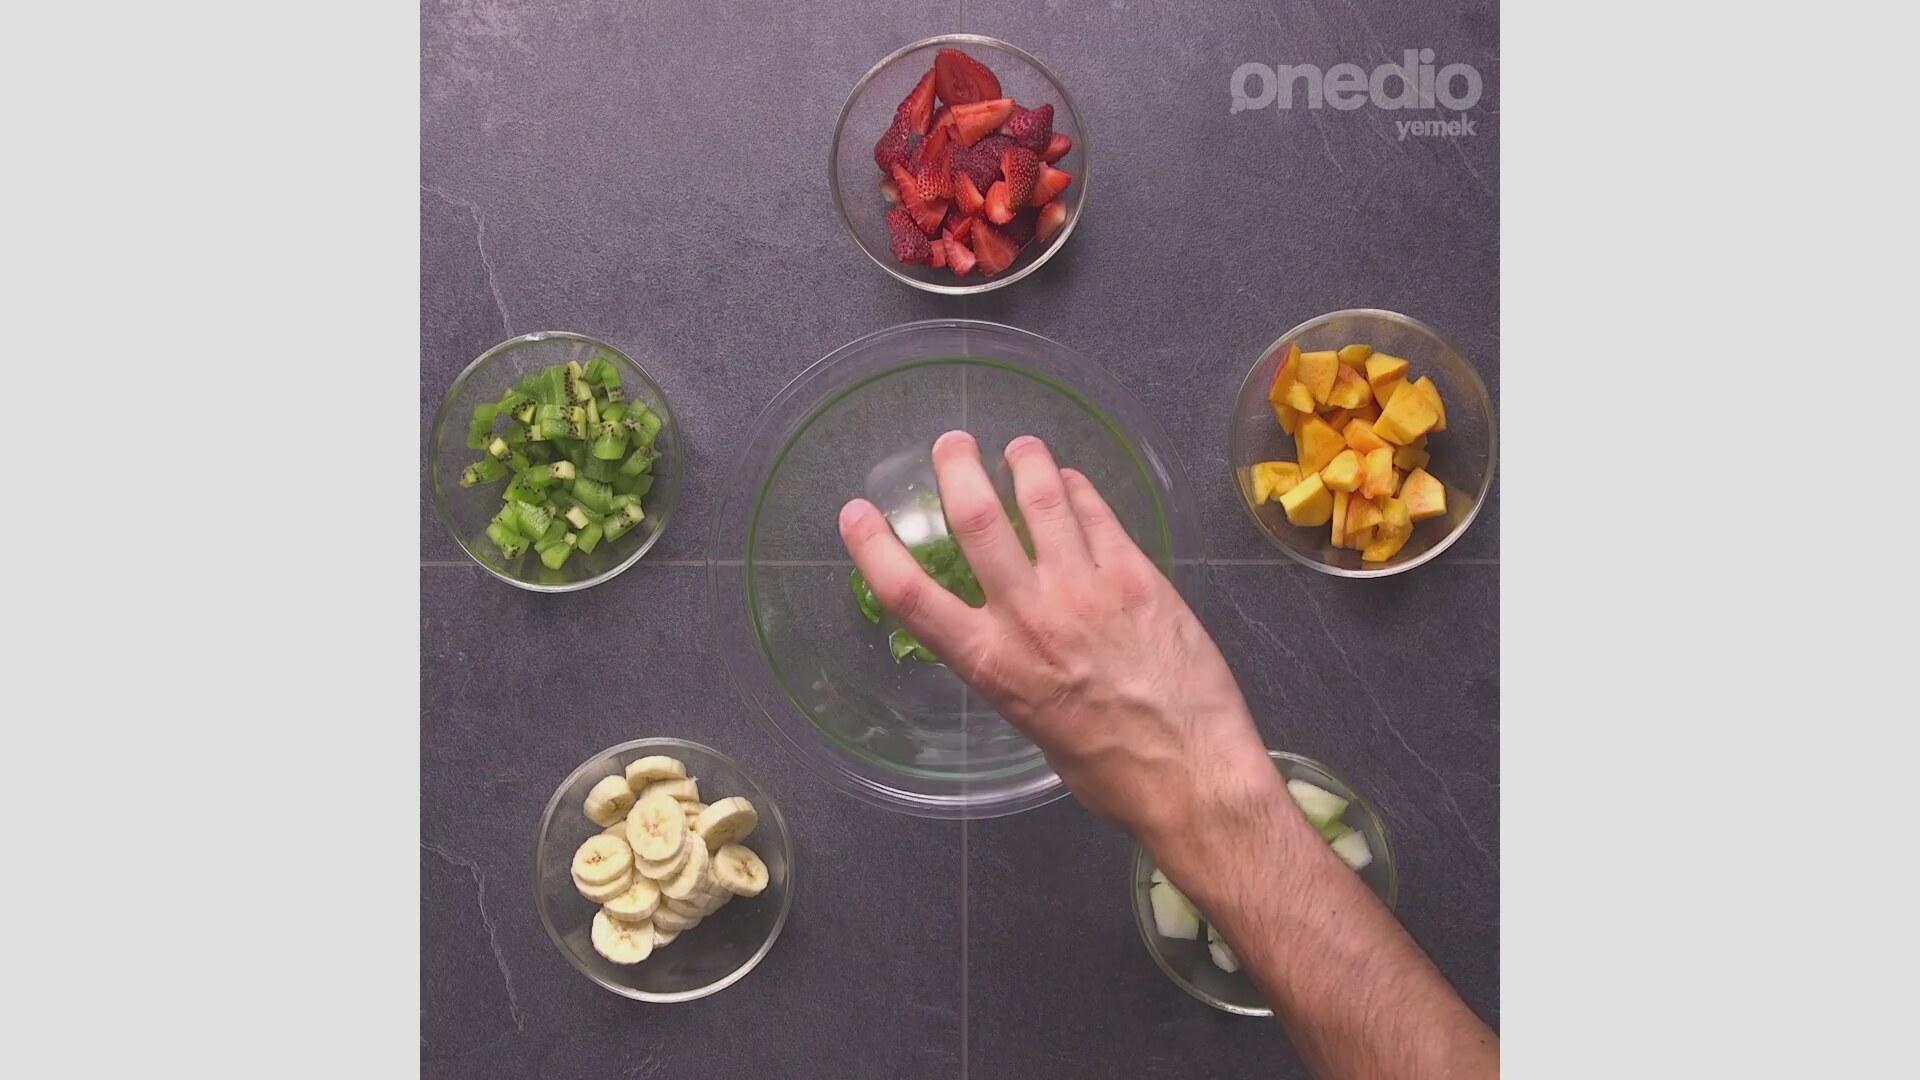 Limon Soslu Meyve Salatası Tarifi Videosu